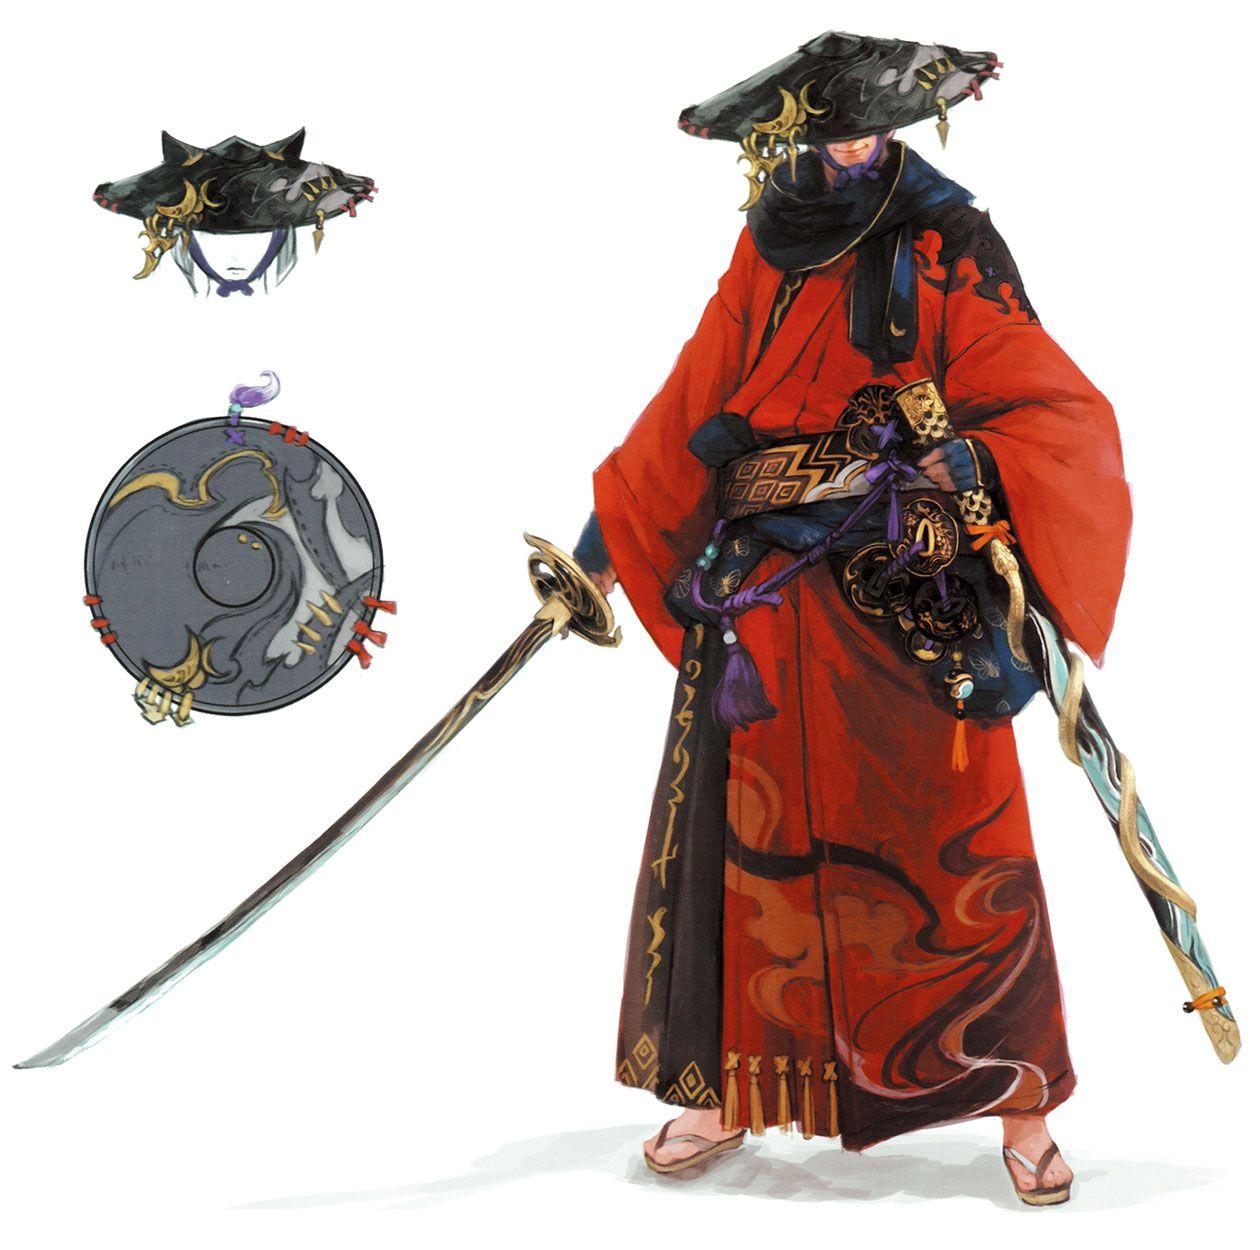 Ffxiv how to become samurai